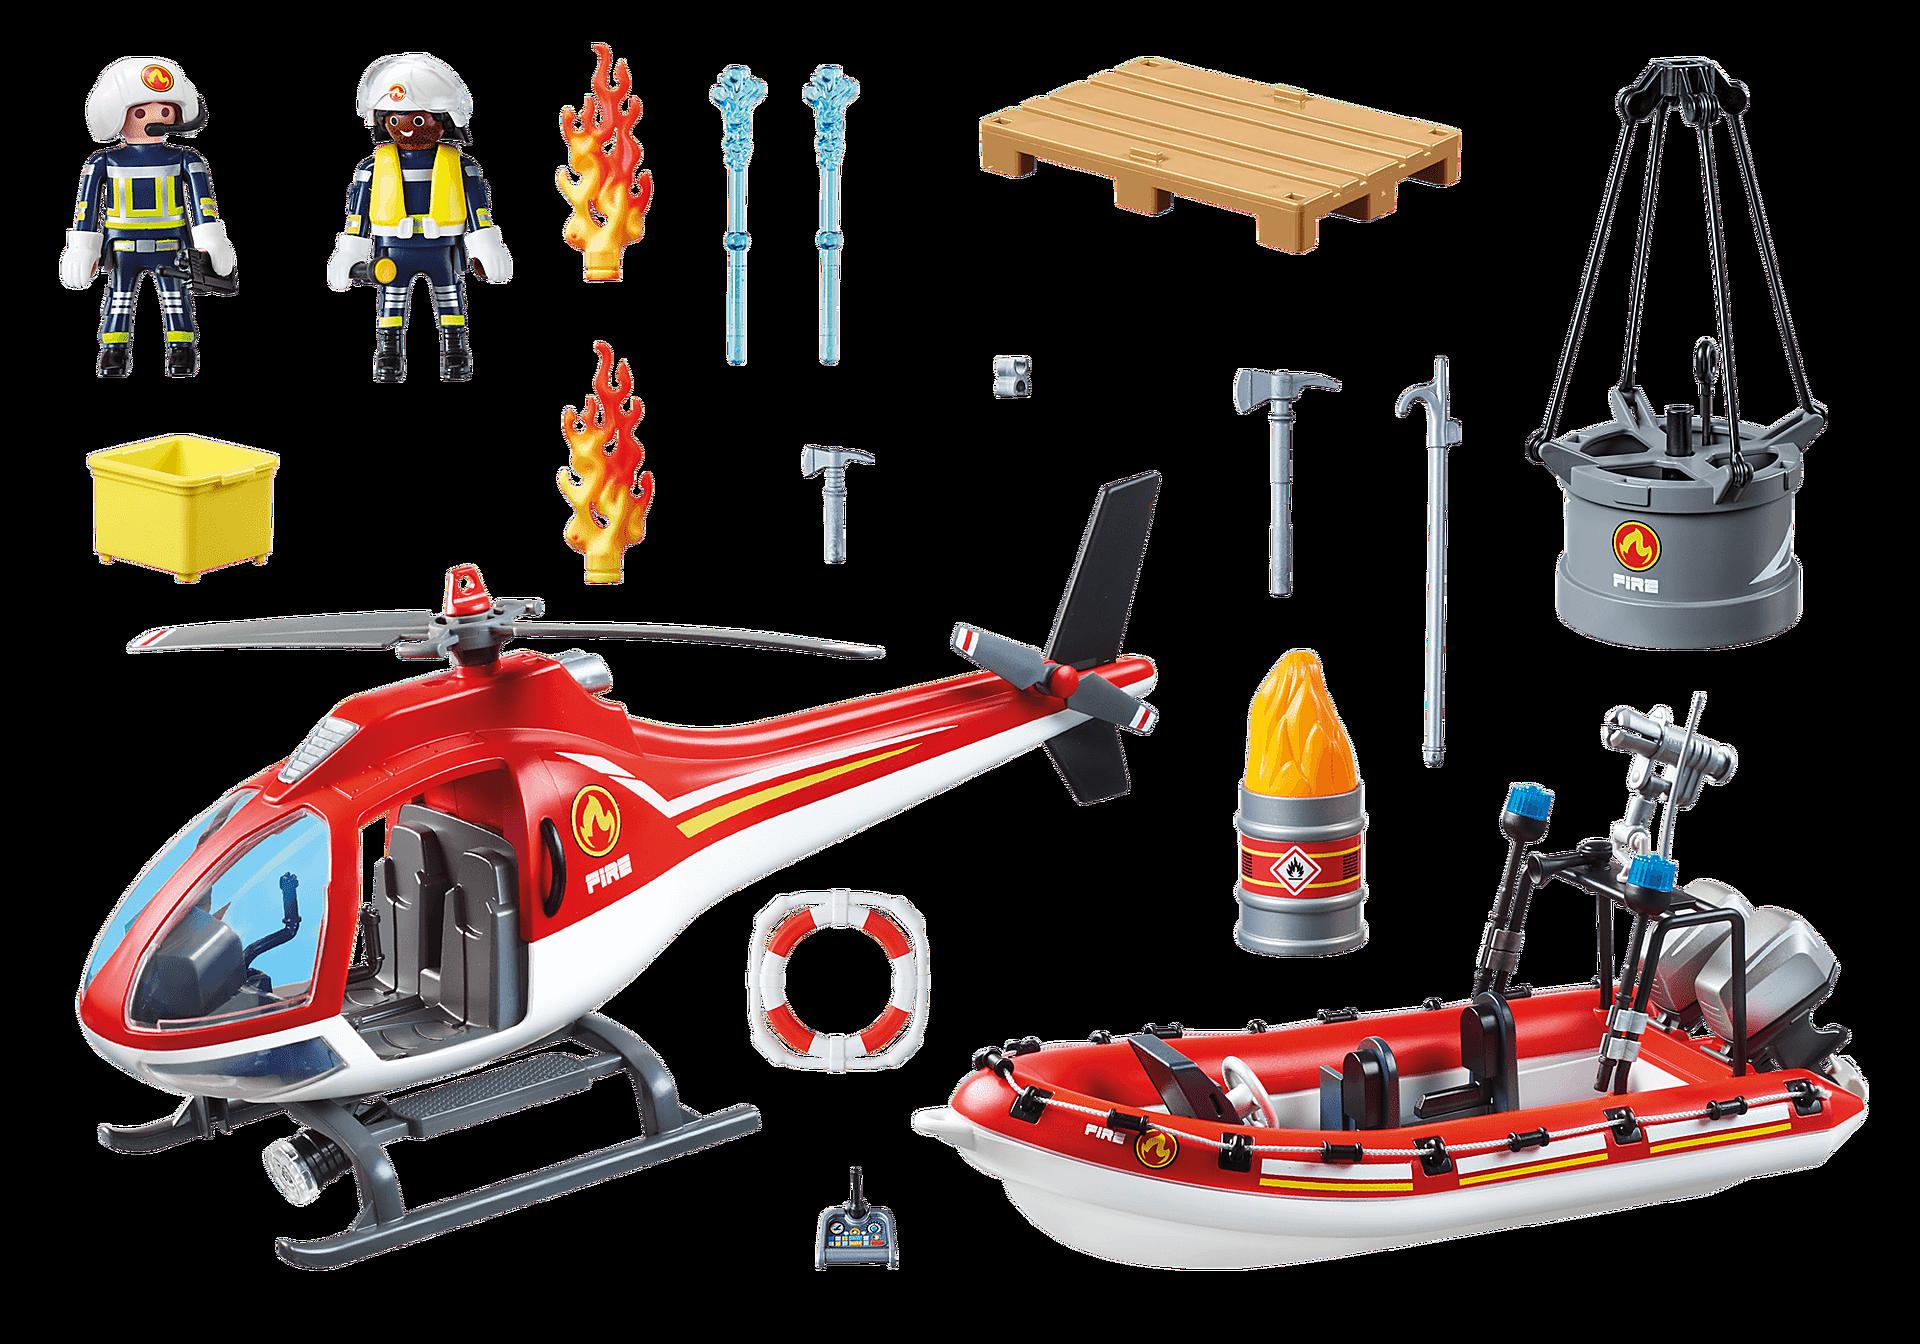 70335 Brigade de pompiers avec bateau et hélicoptère  zoom image3